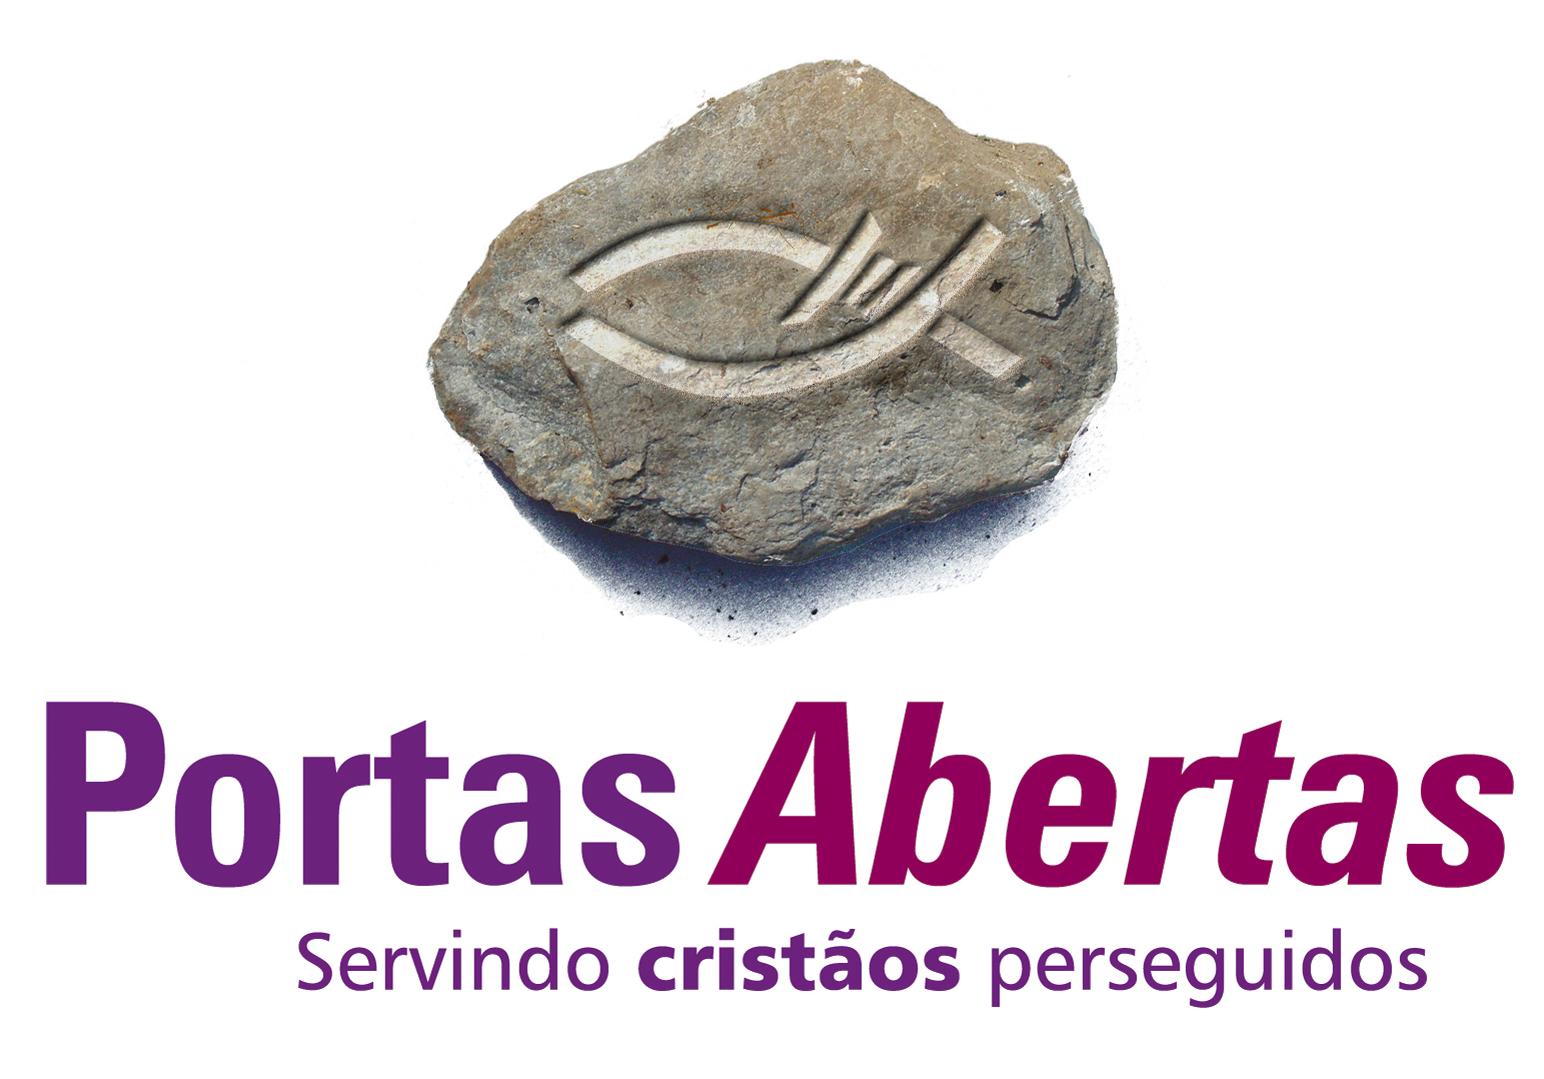 MISSÃO PORTAS ABERTAS